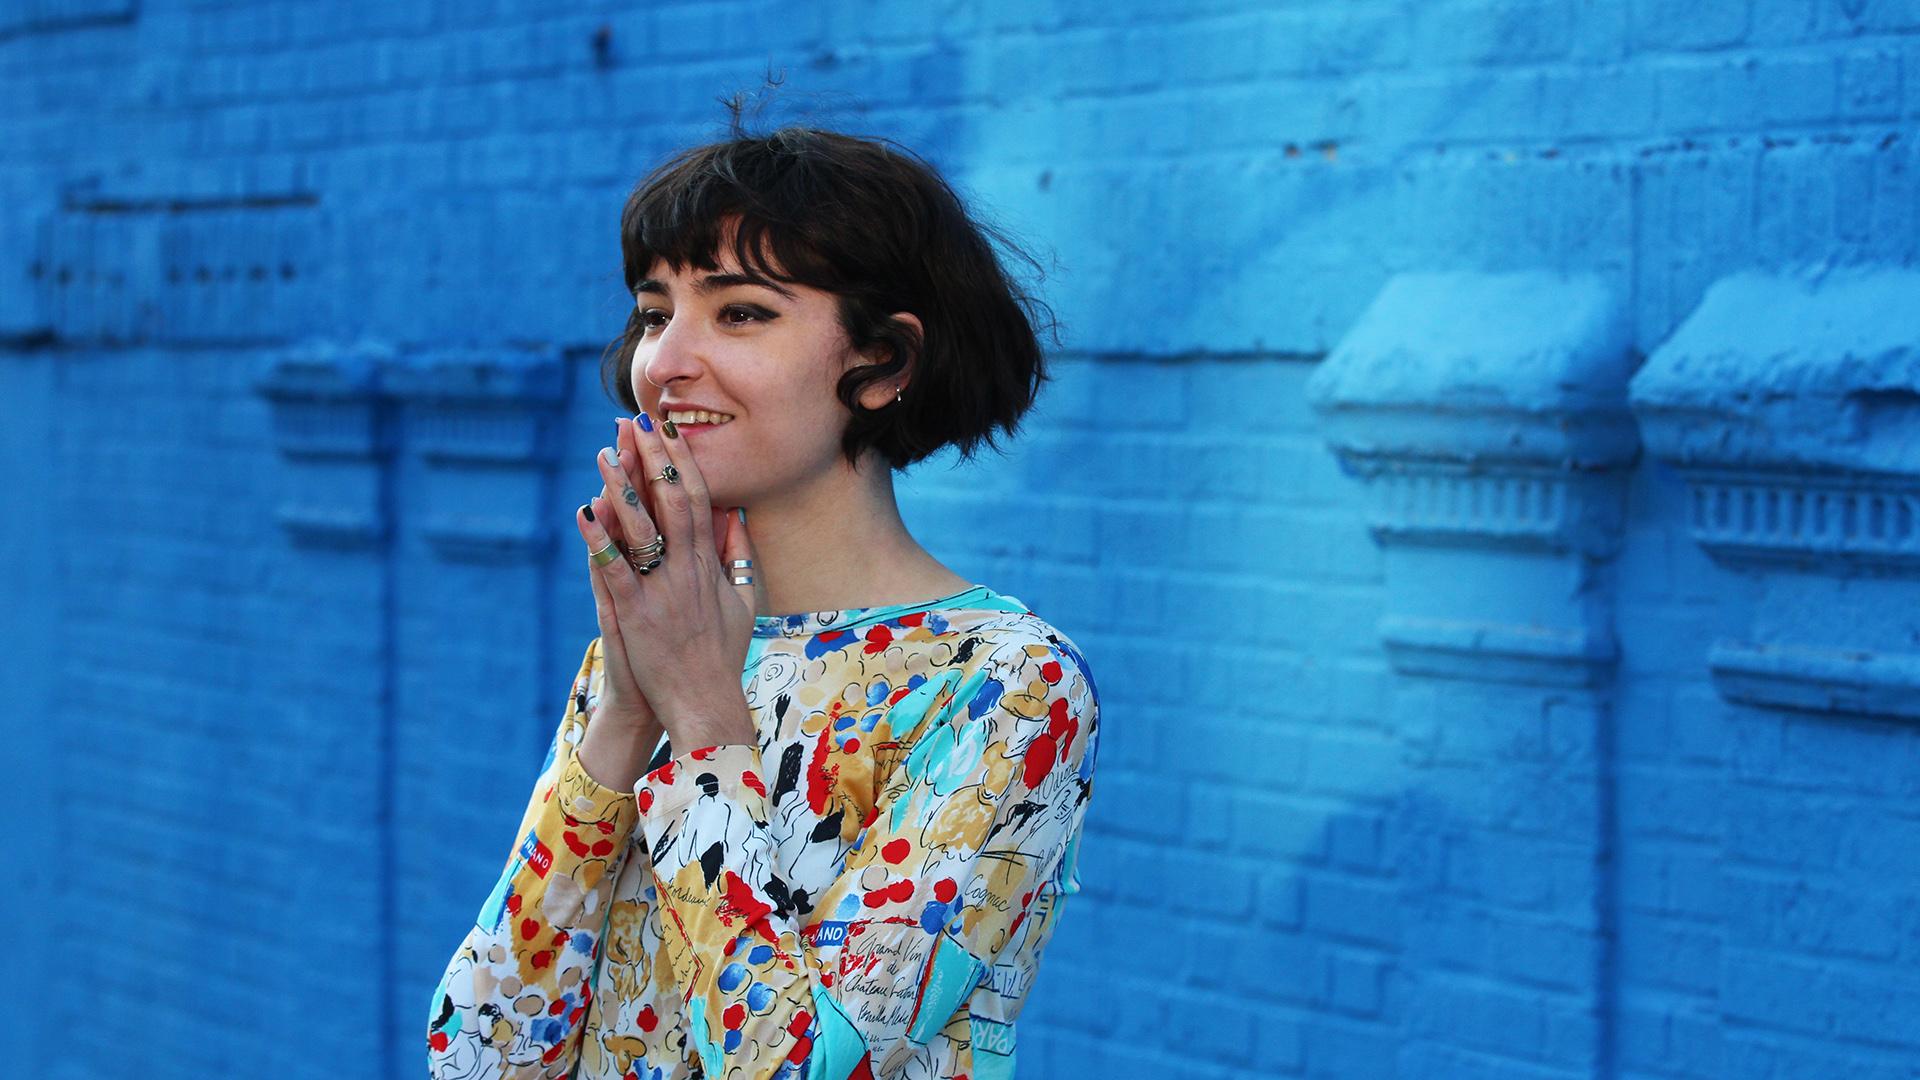 Natalie Labarre